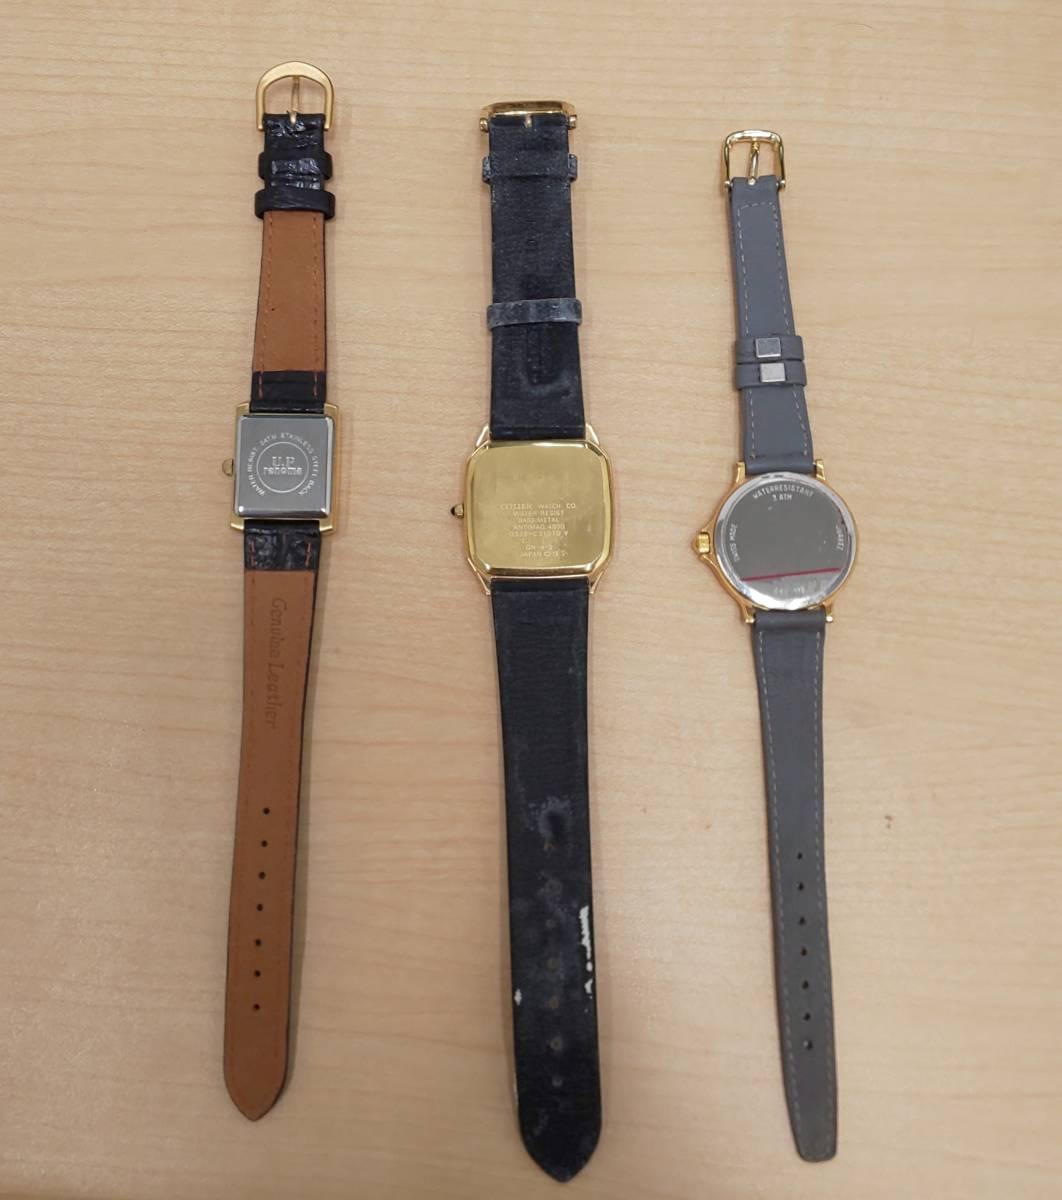 【5008】レディース 腕時計 ジャンク / ANTIMAG4800 citizen EXCEED / u.p renoma レノマ クオーツ / leonard レオナール_画像8